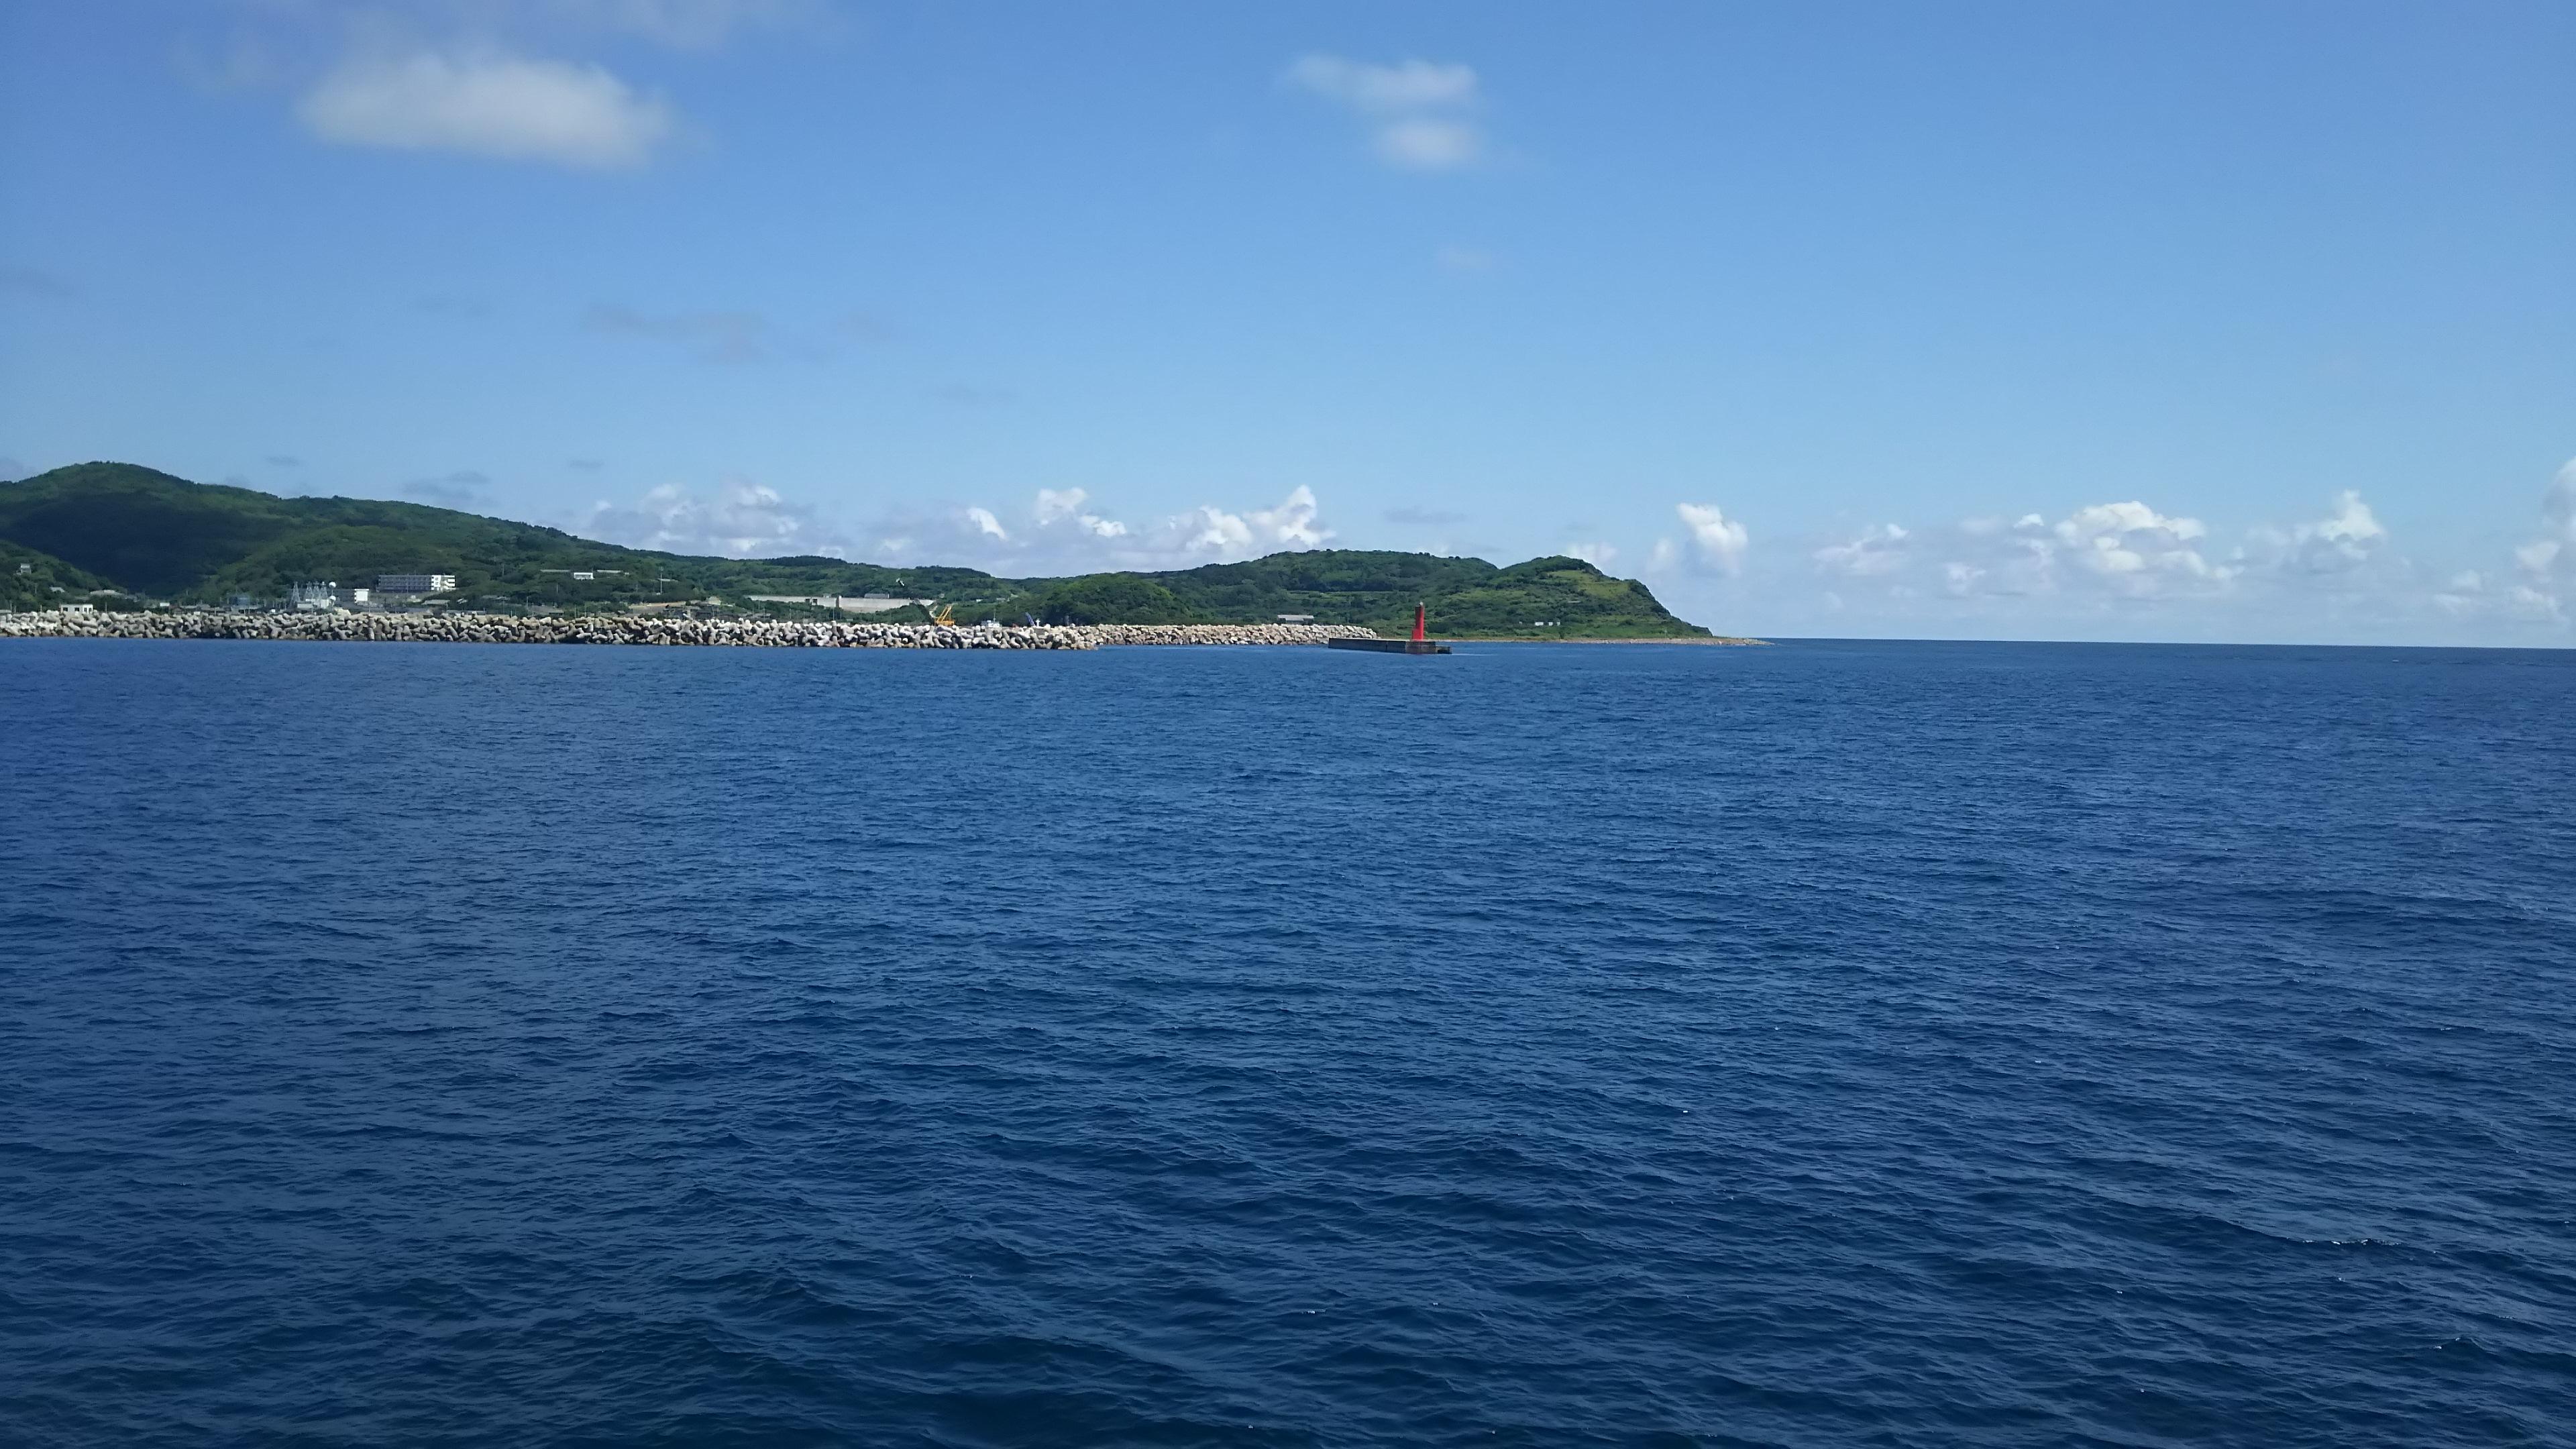 萩沖の離島、見島の梅雨グレ